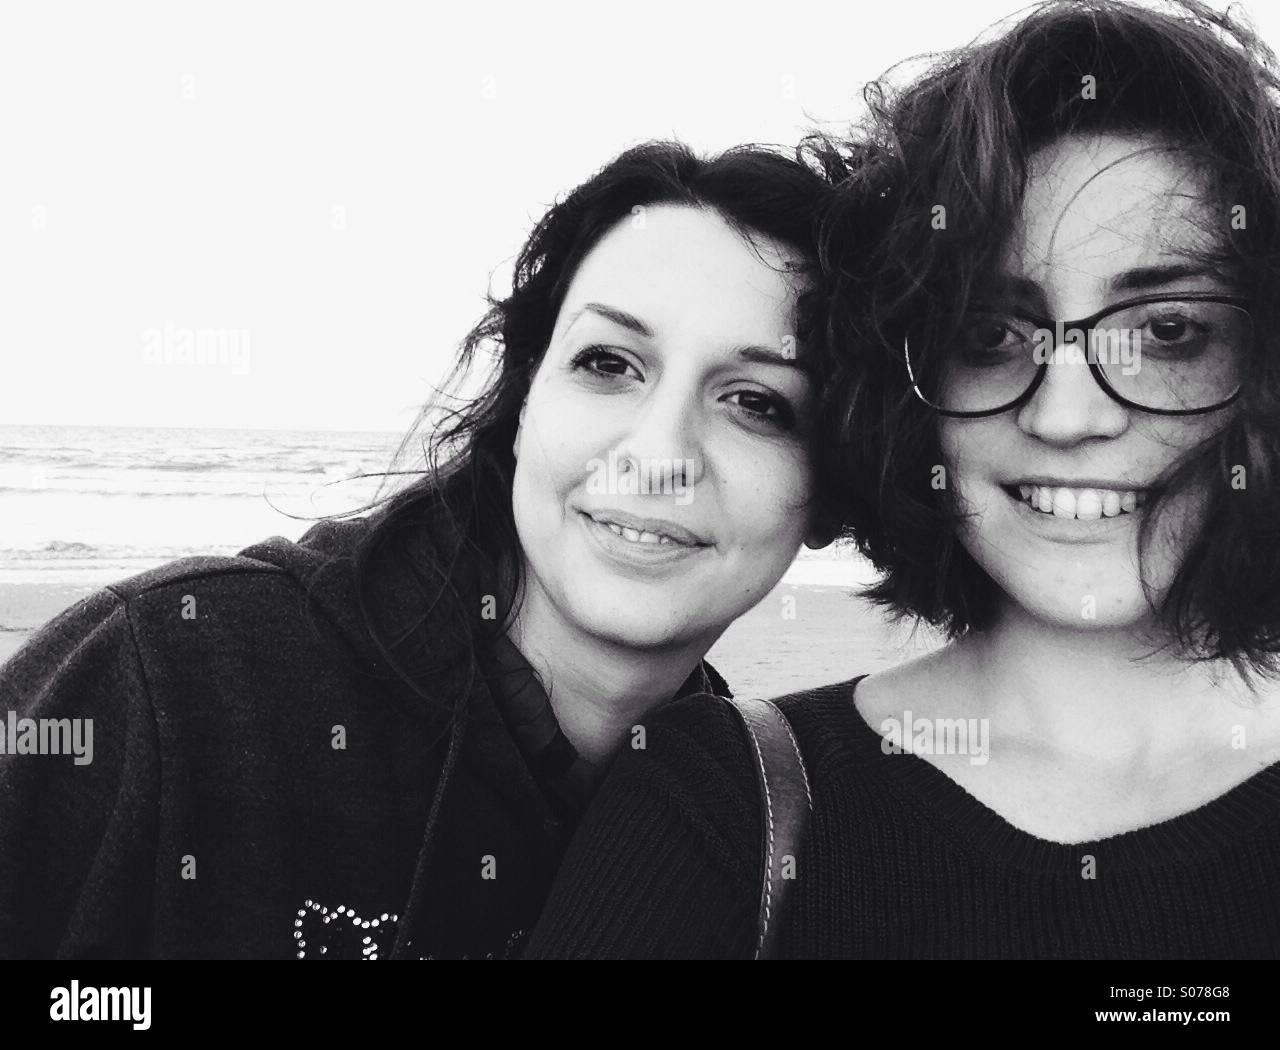 Deux femmes de selfies smiling sur une plage à Rimjni, Italie Photo Stock